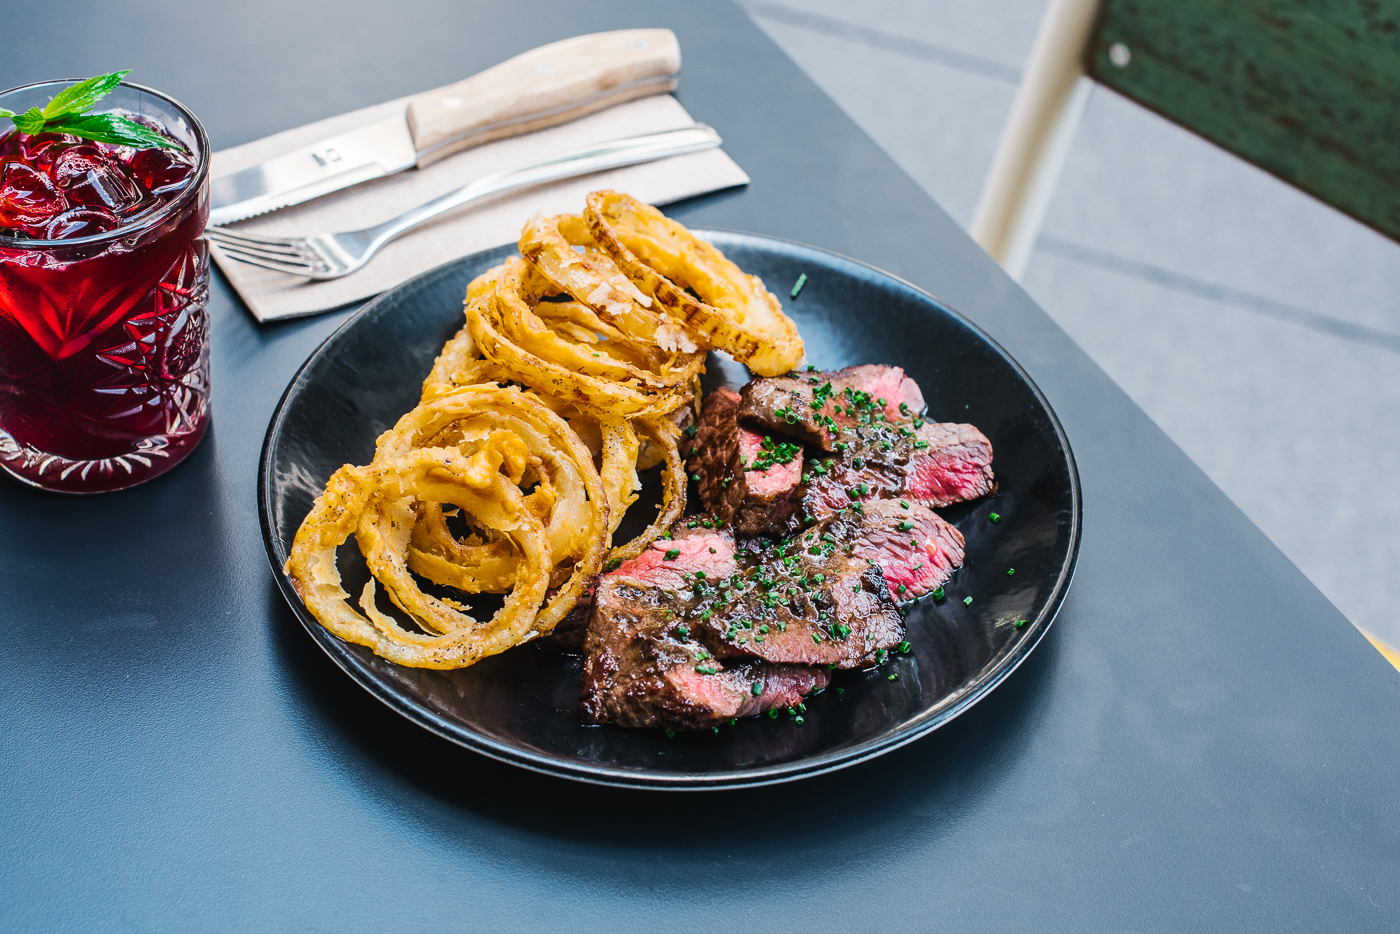 Wagyu steak at Devon Cafe